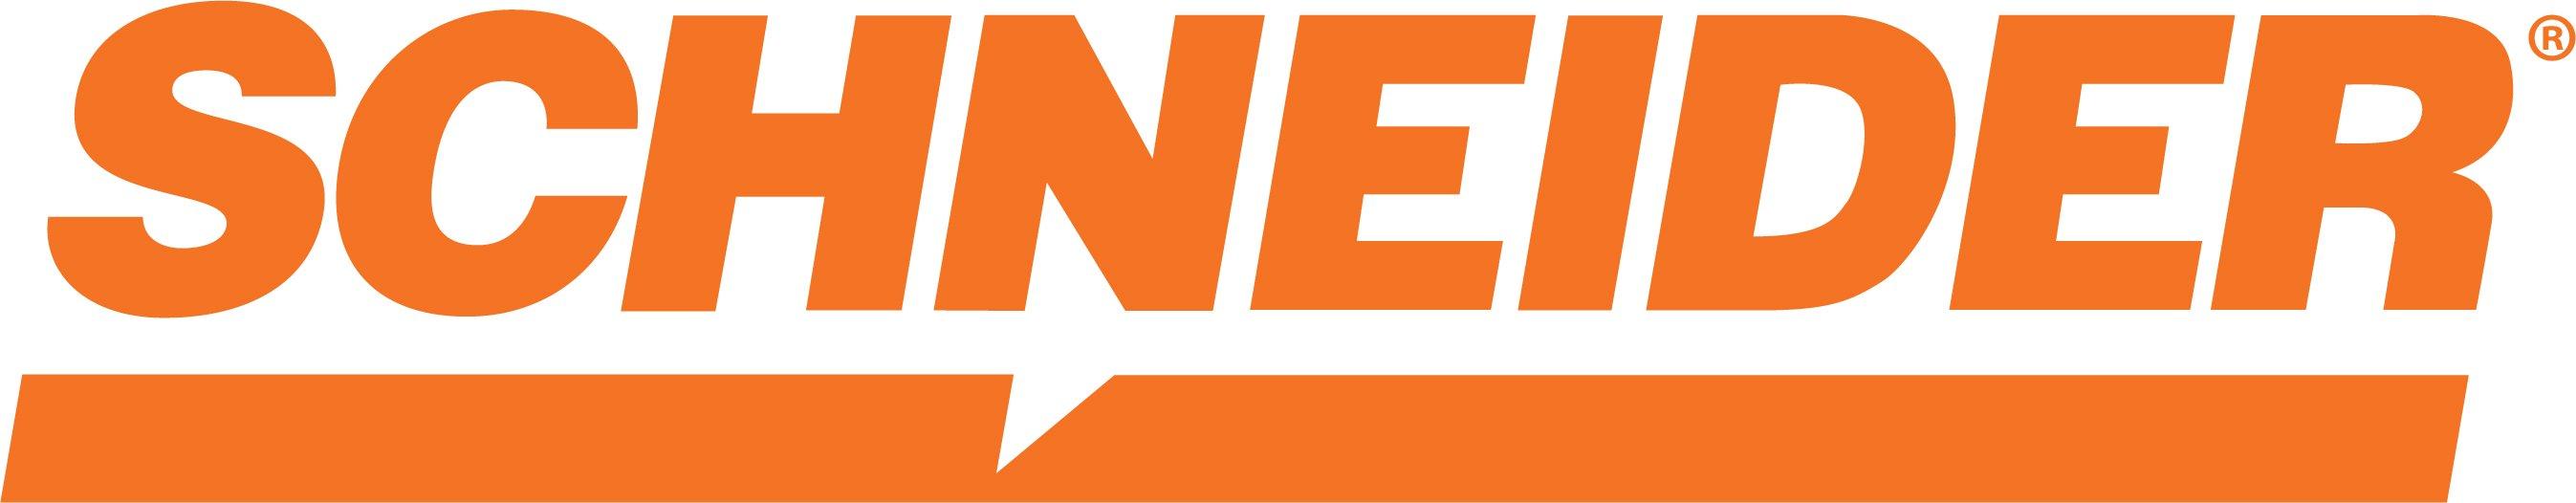 Schneider_logo-ppt